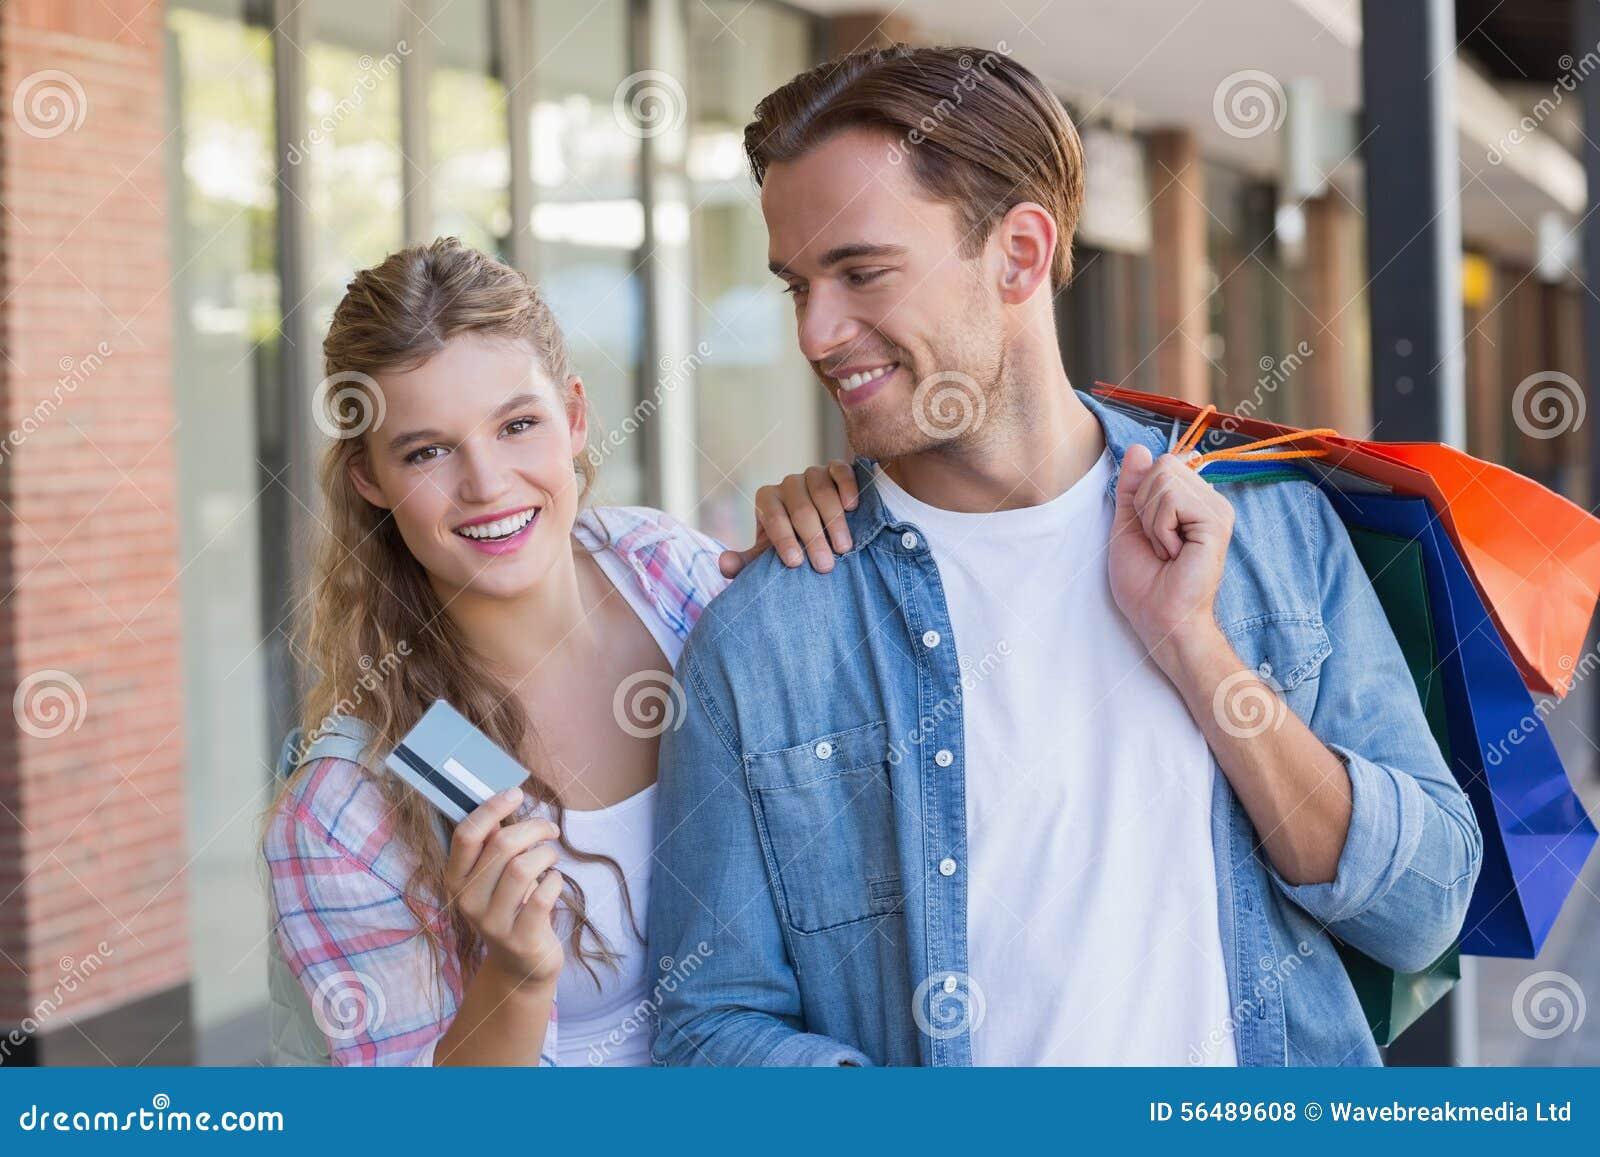 Un couple heureux montrant leur nouvelle carte de crédit